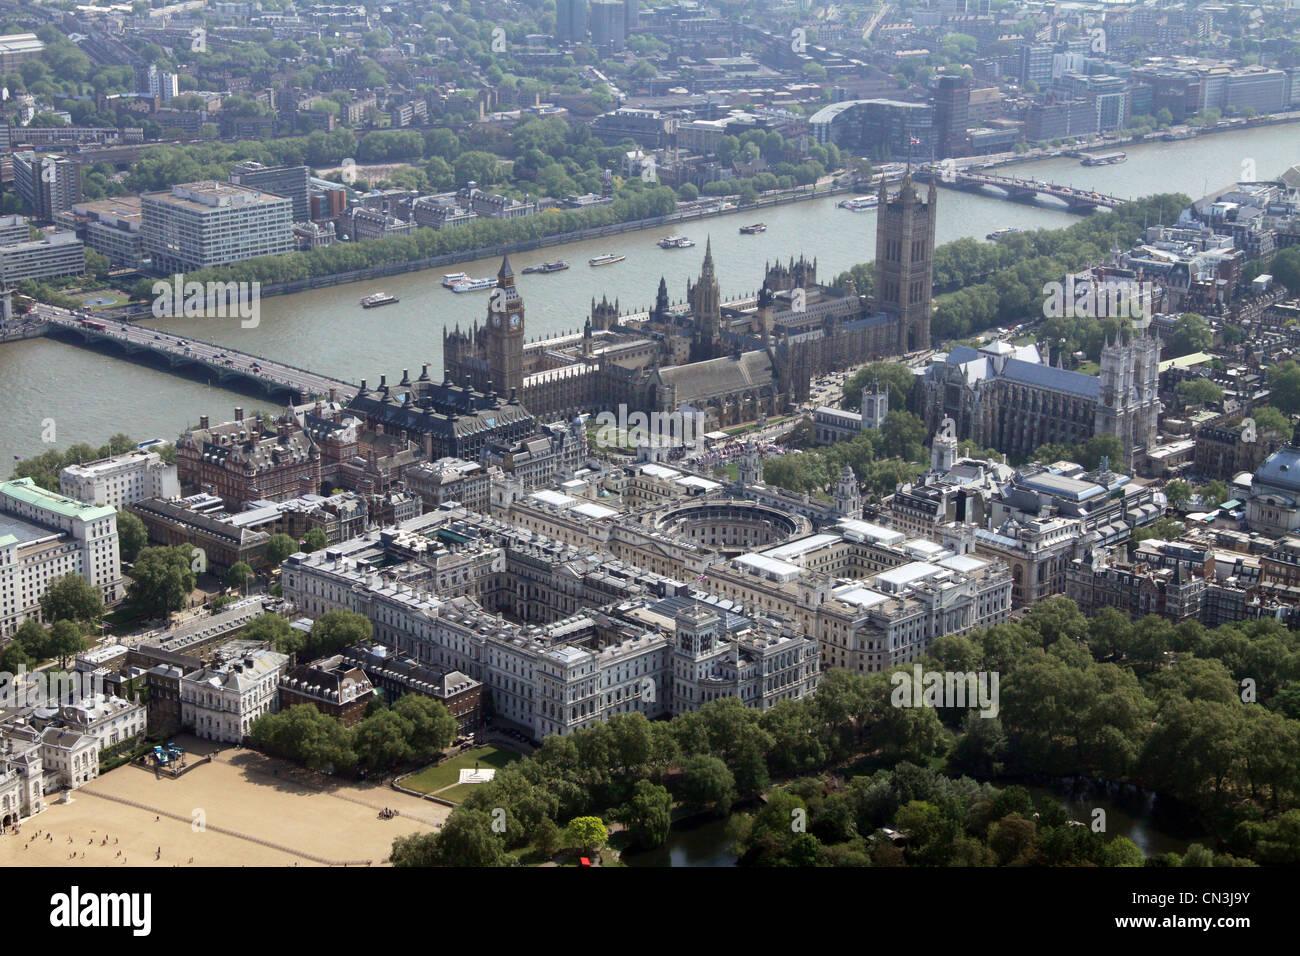 Vista aerea del Tesoro edifici, l'FCO, gli uffici governativi e il Palazzo del Parlamento, Londra SW1 Immagini Stock